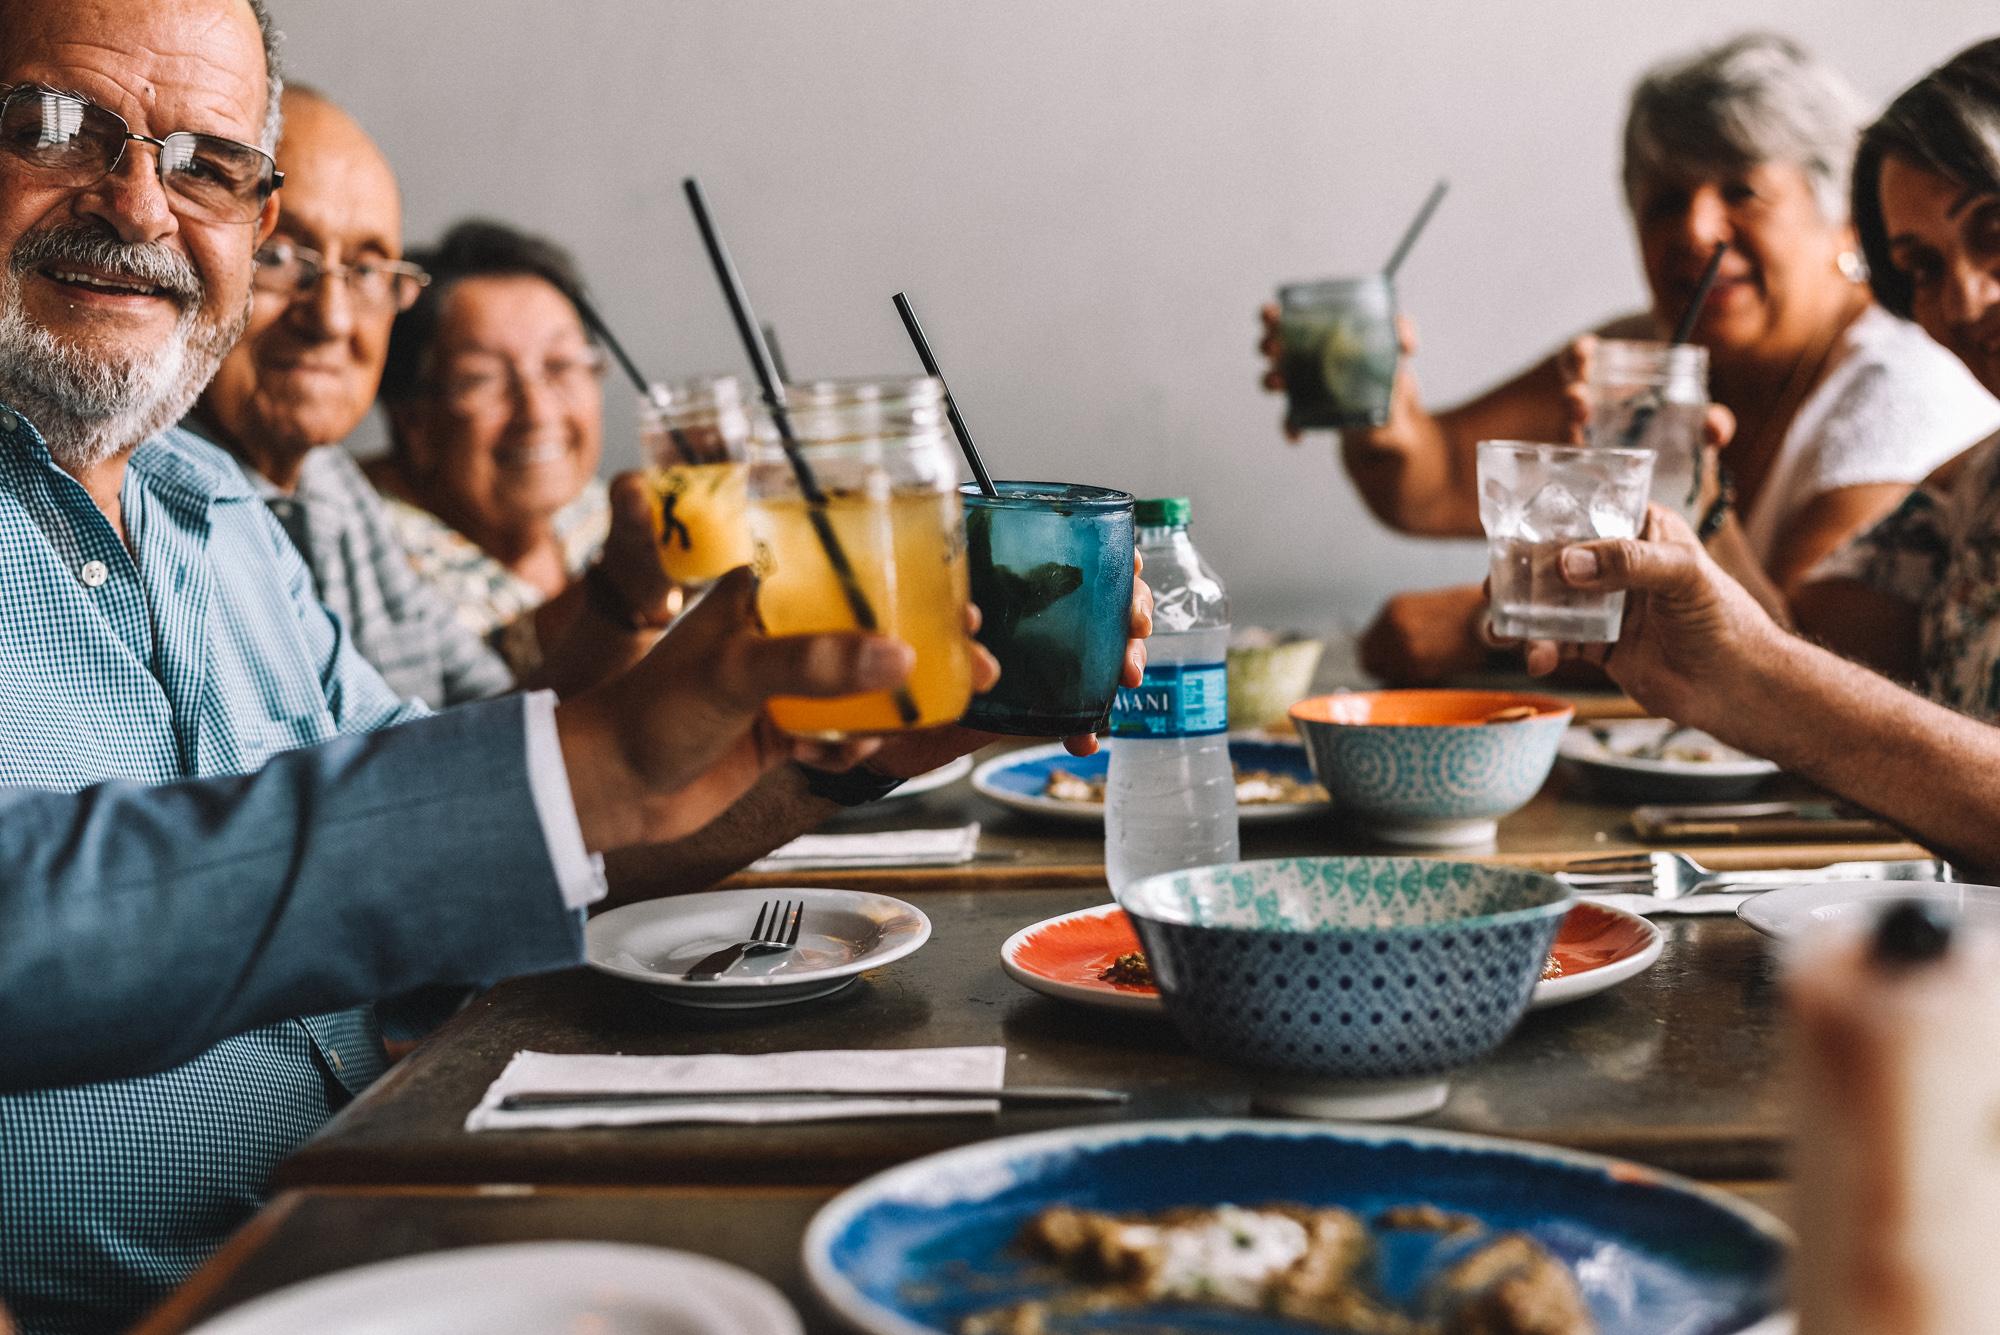 Brindemos por la familia, brindemos por ellos, por los años que el Señor les ha concedido de vida.